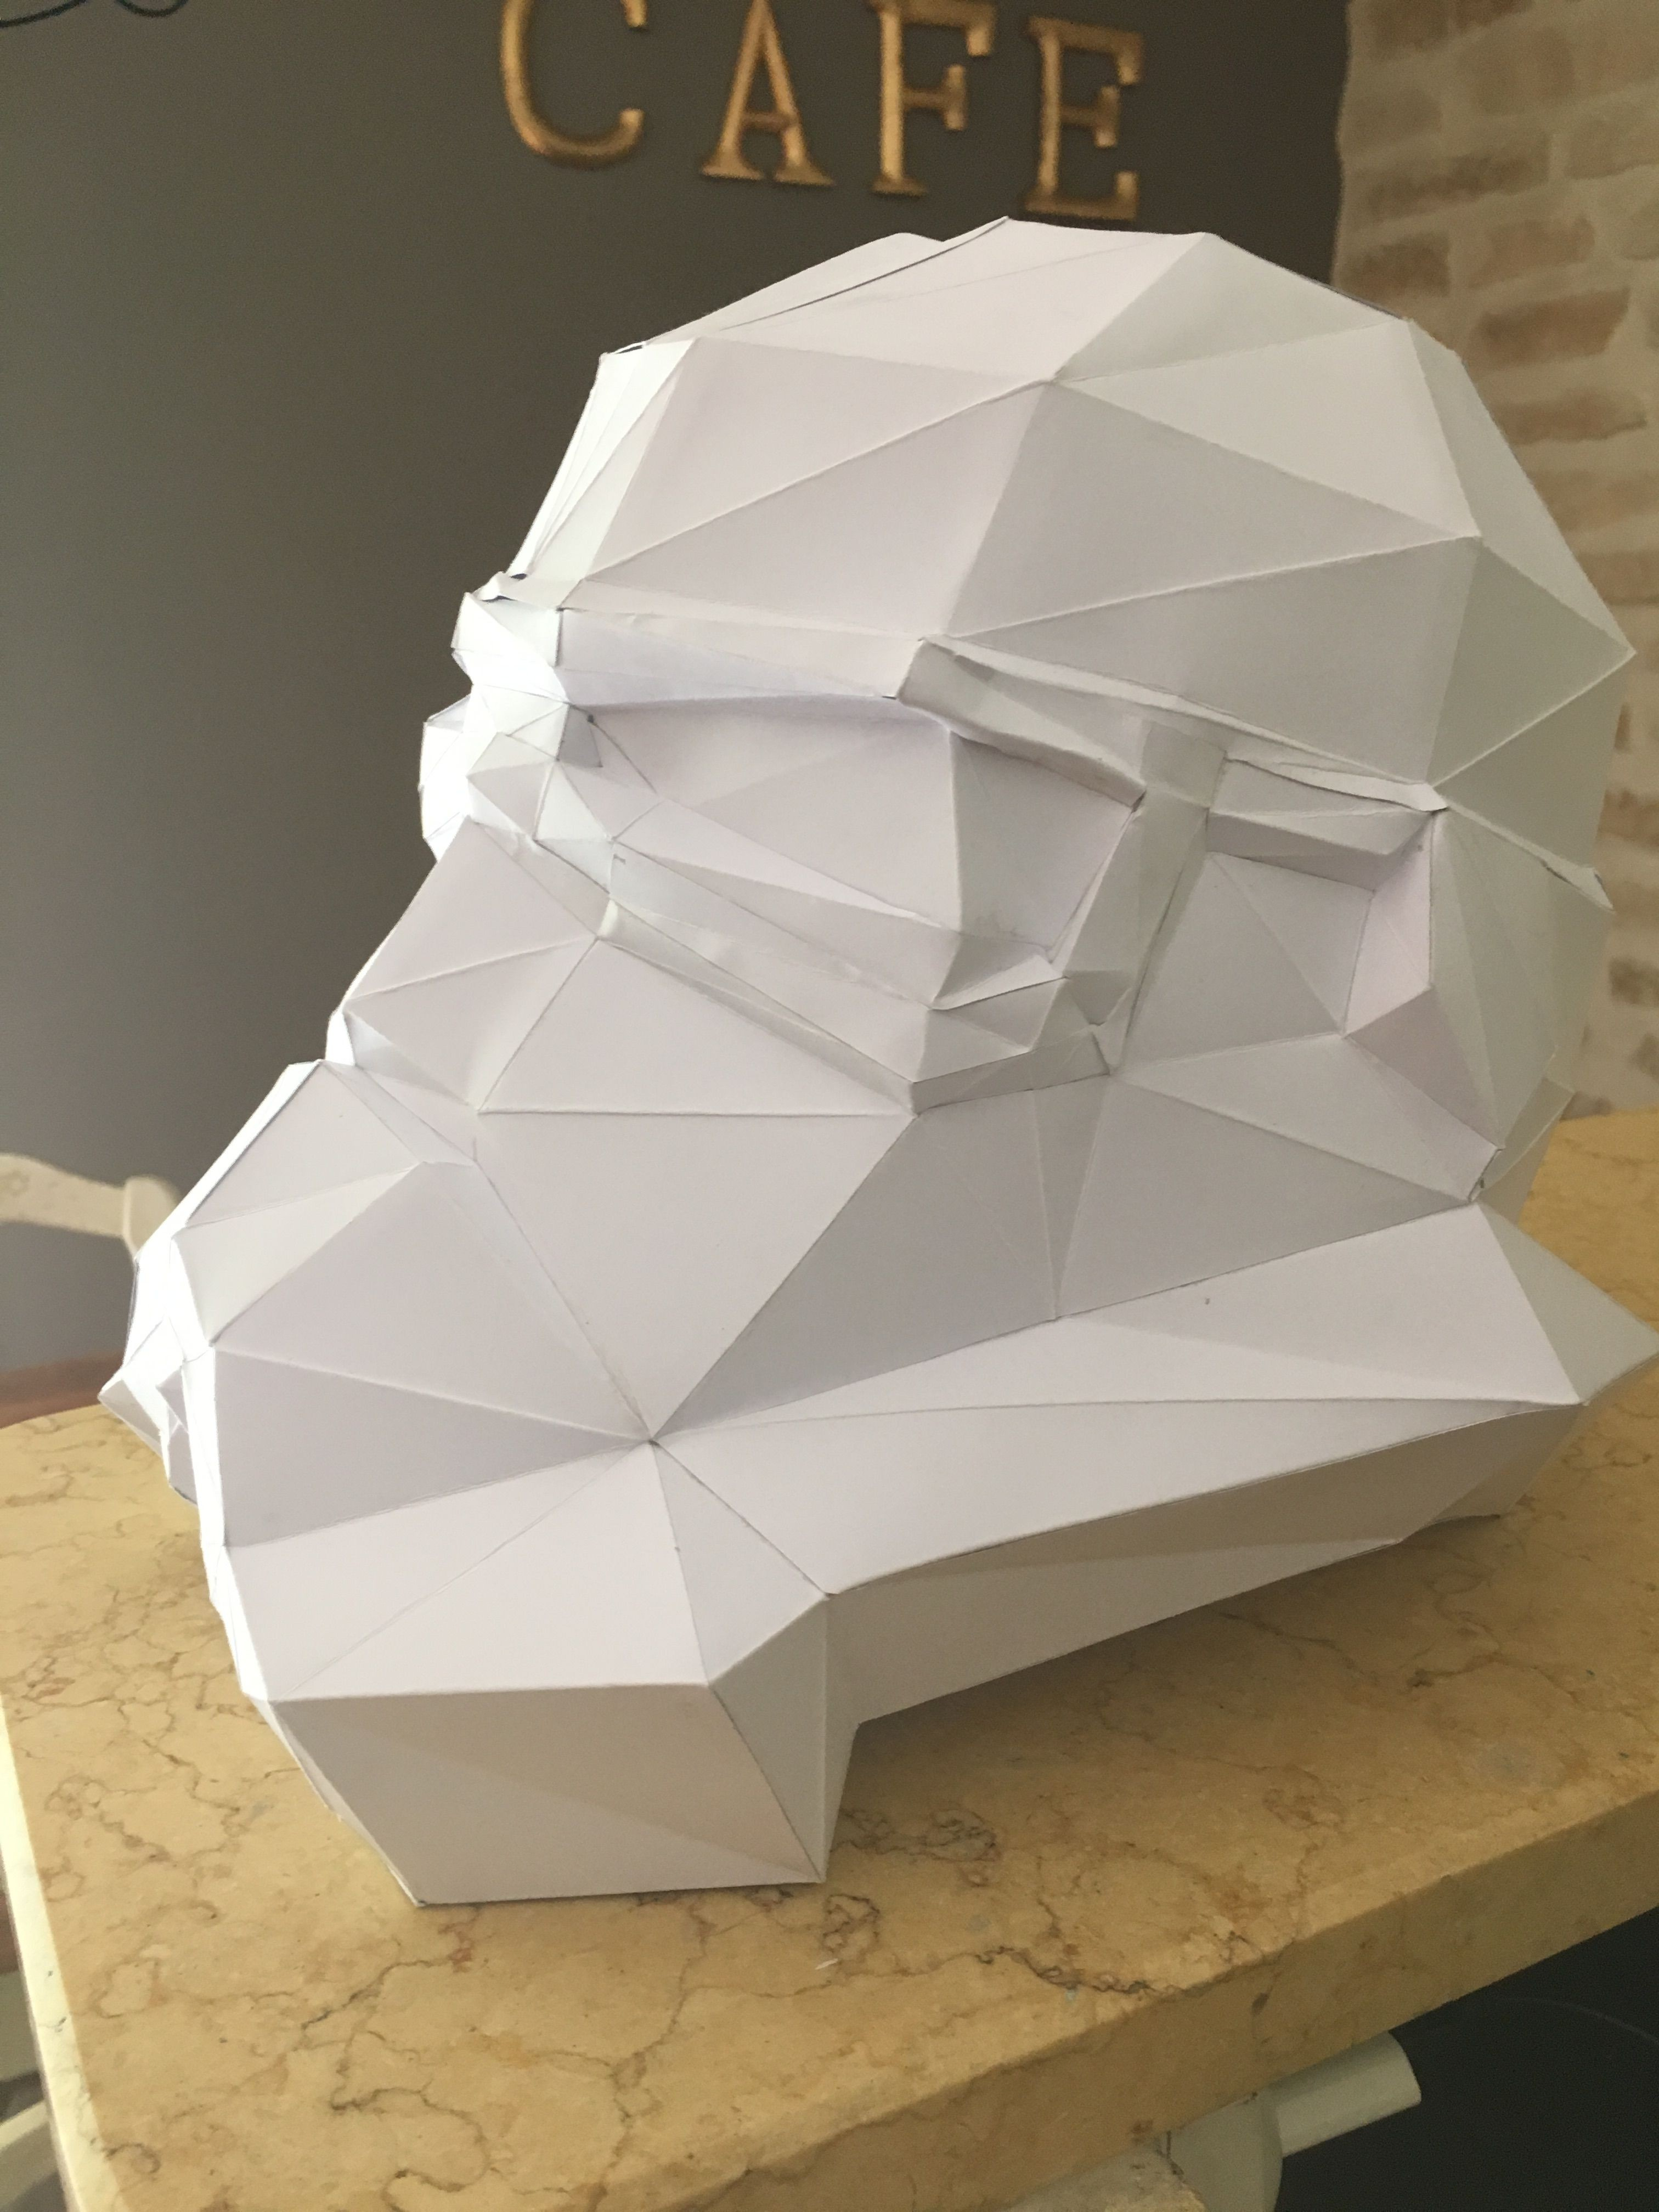 Stormtrooper Papercraft Stormtrooper Papercraft La Guerre Des étoiles Star Wars